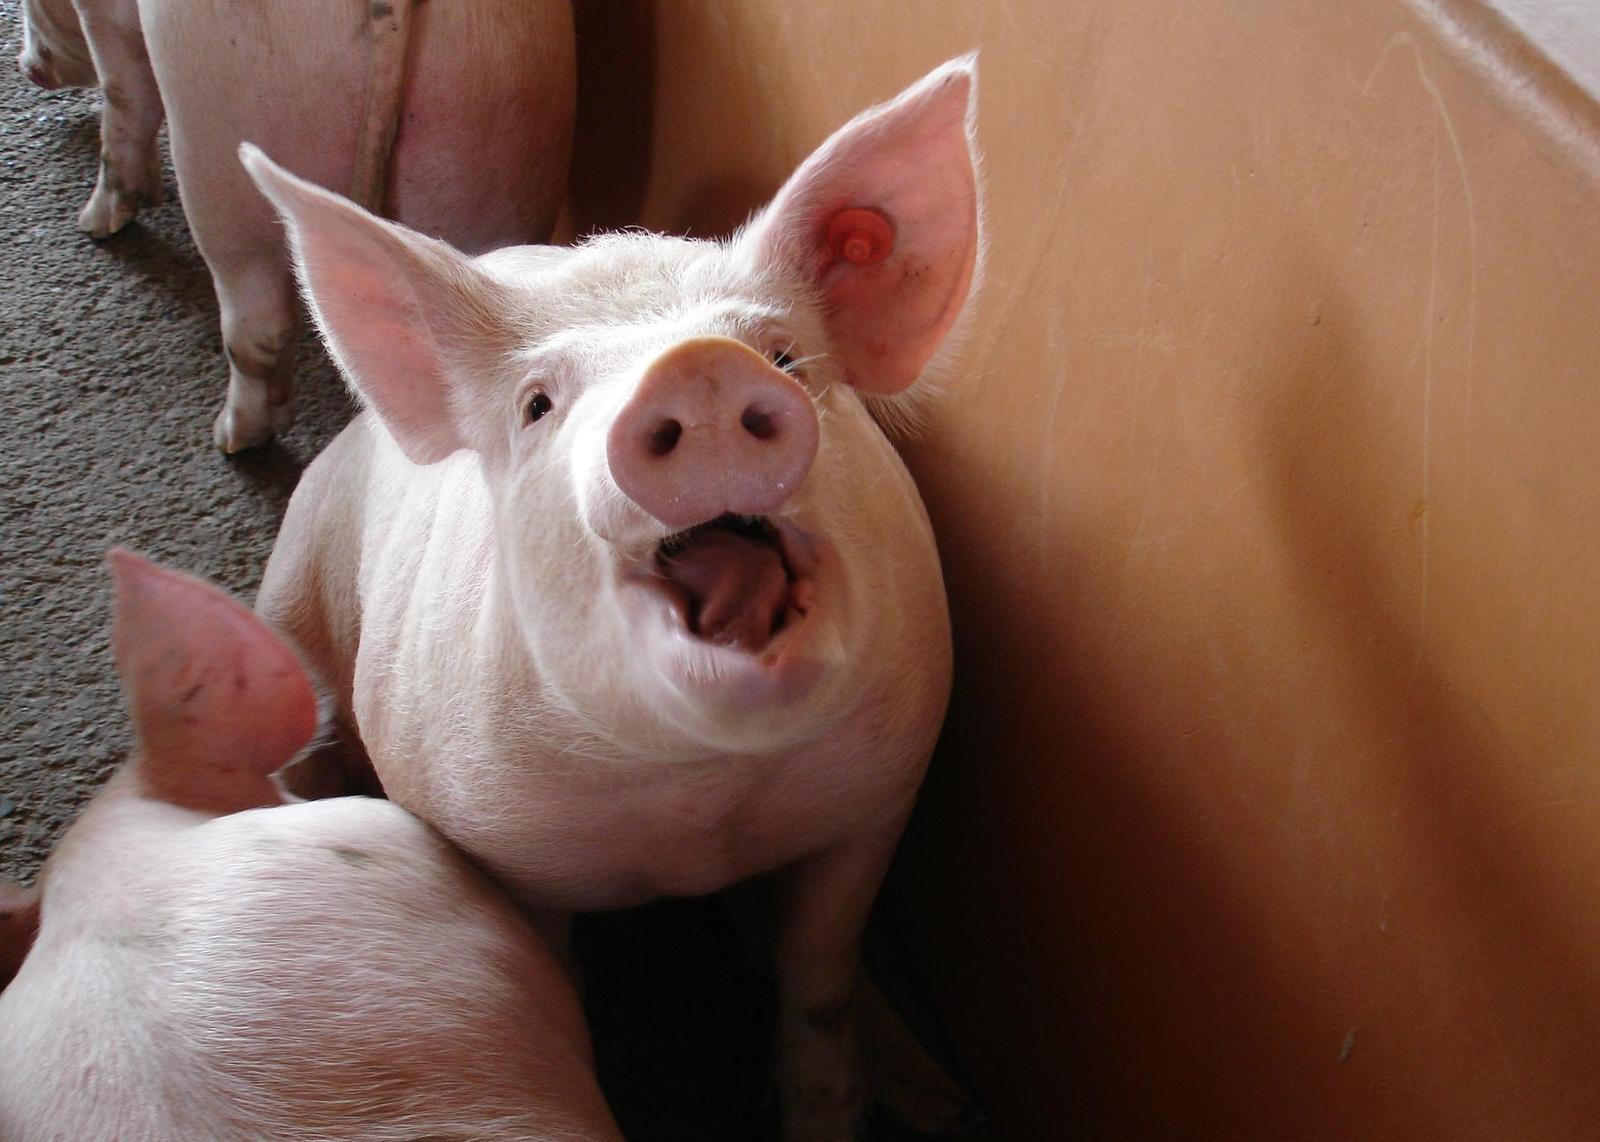 Peste 5.000 de ferme de porci înregistrate anul acesta in Bulgaria; nu aveau mai mult de 700 de ferme de suine inainte de PPA;stiri agricole